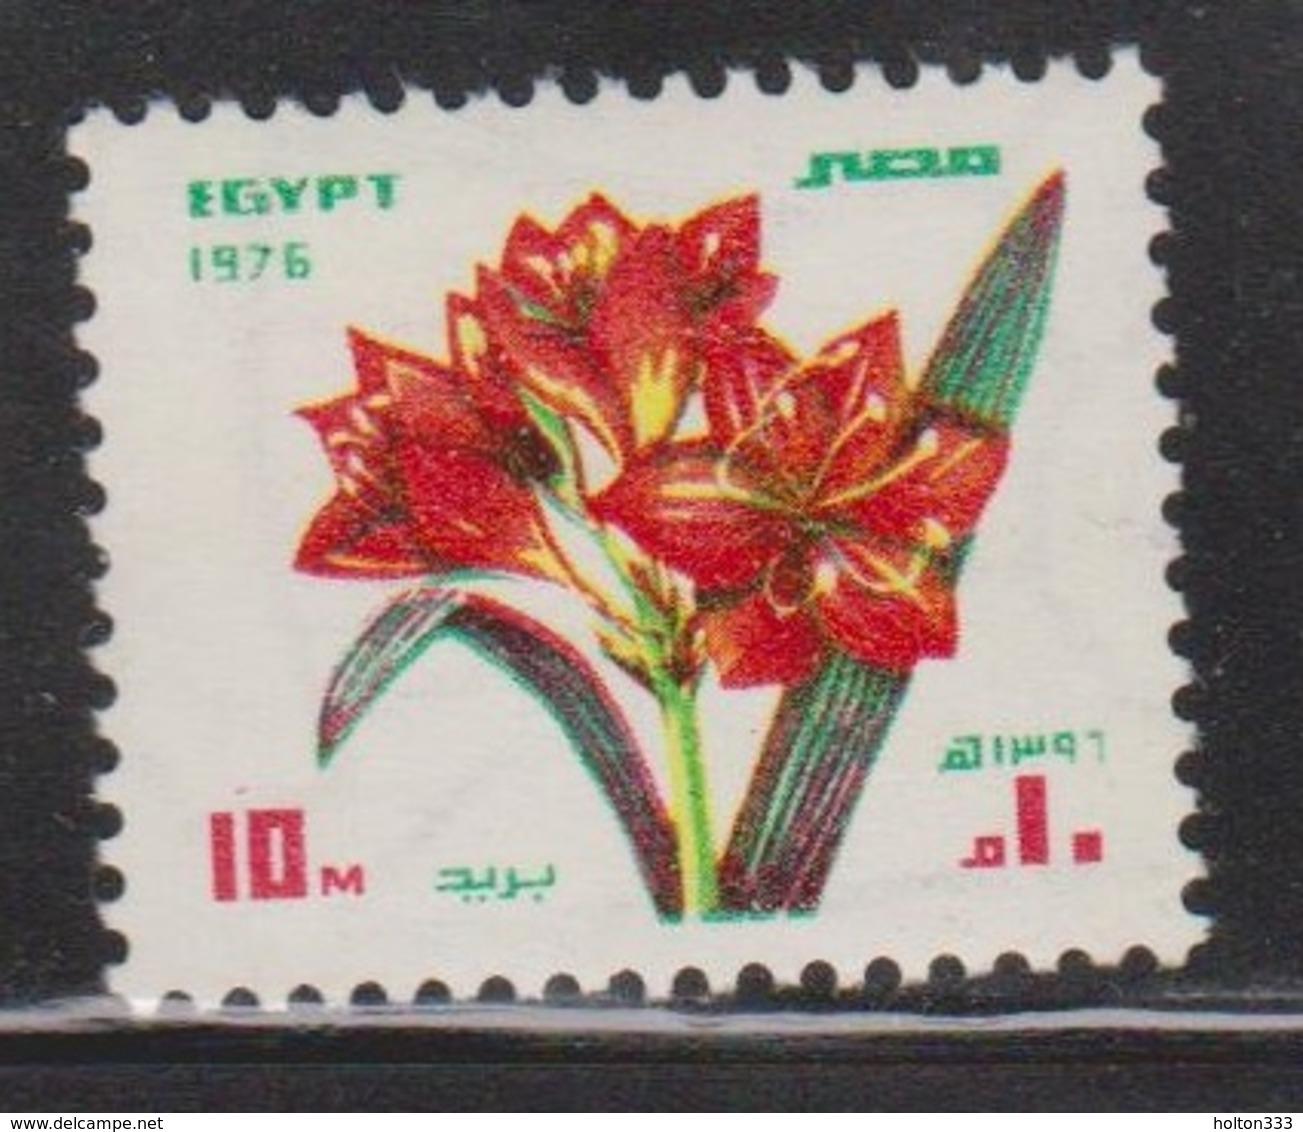 EGYPT Scott # 1013 MH - Flower - Egypt